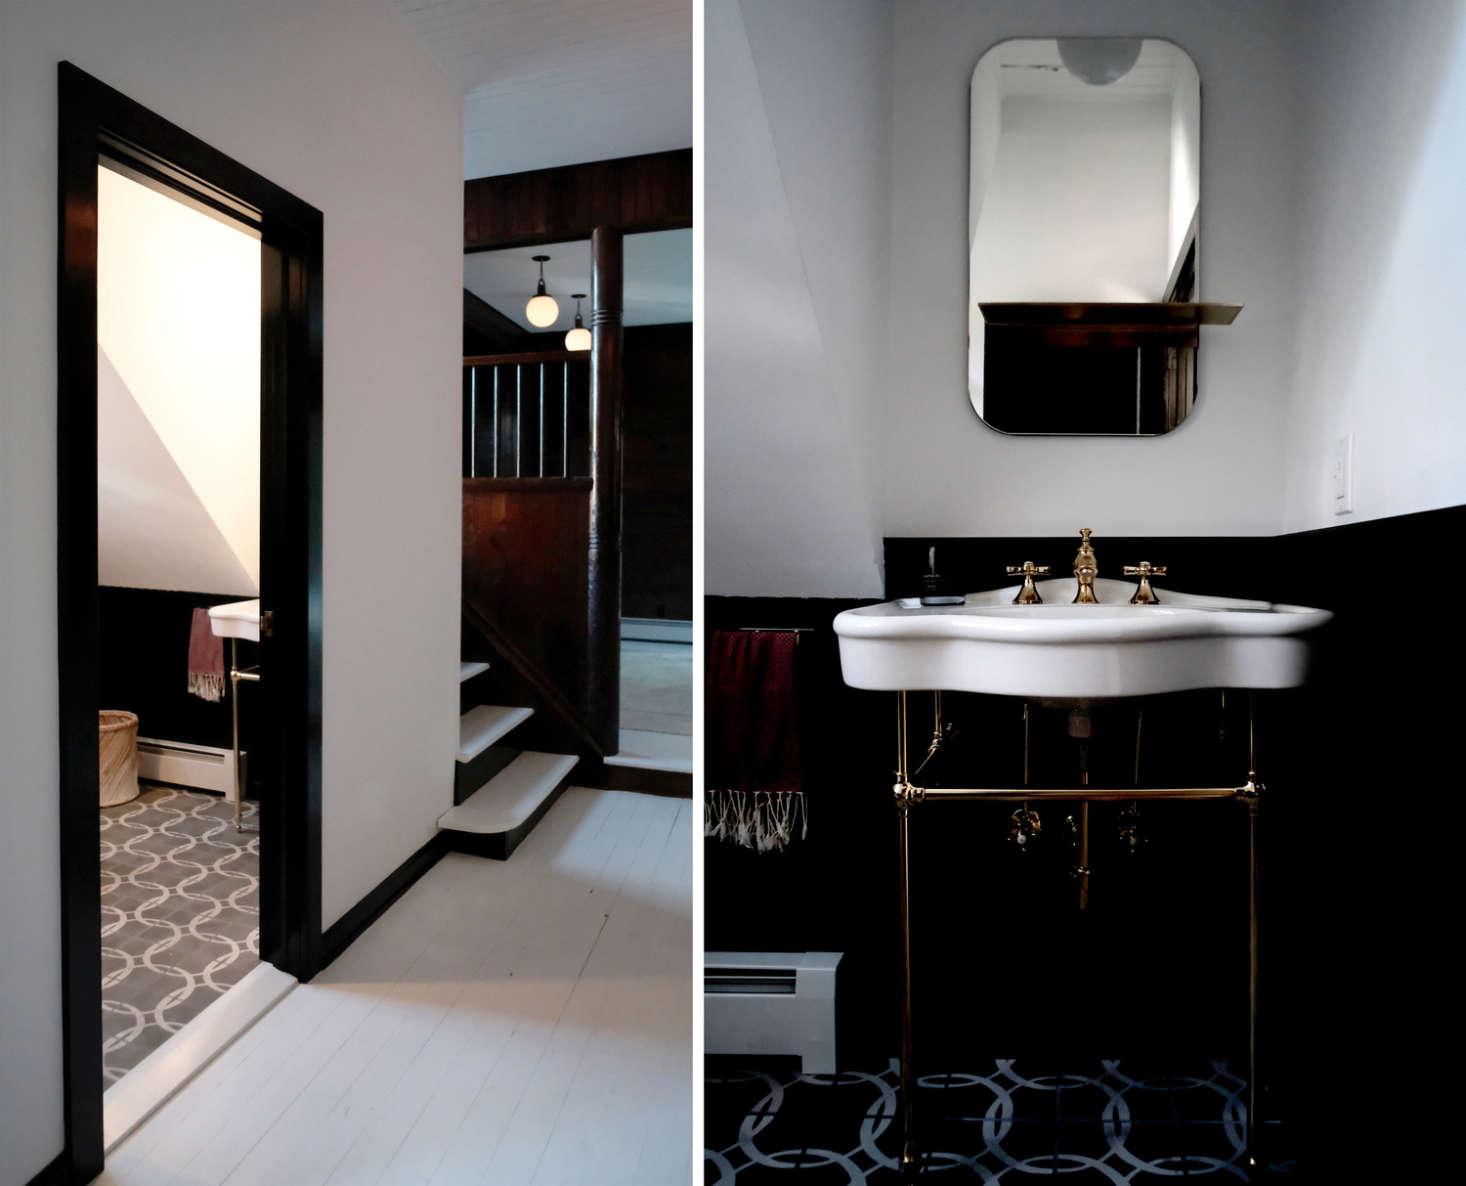 The Bath en Noir: 10 Favorite Moody Black Bathrooms - Remodelista